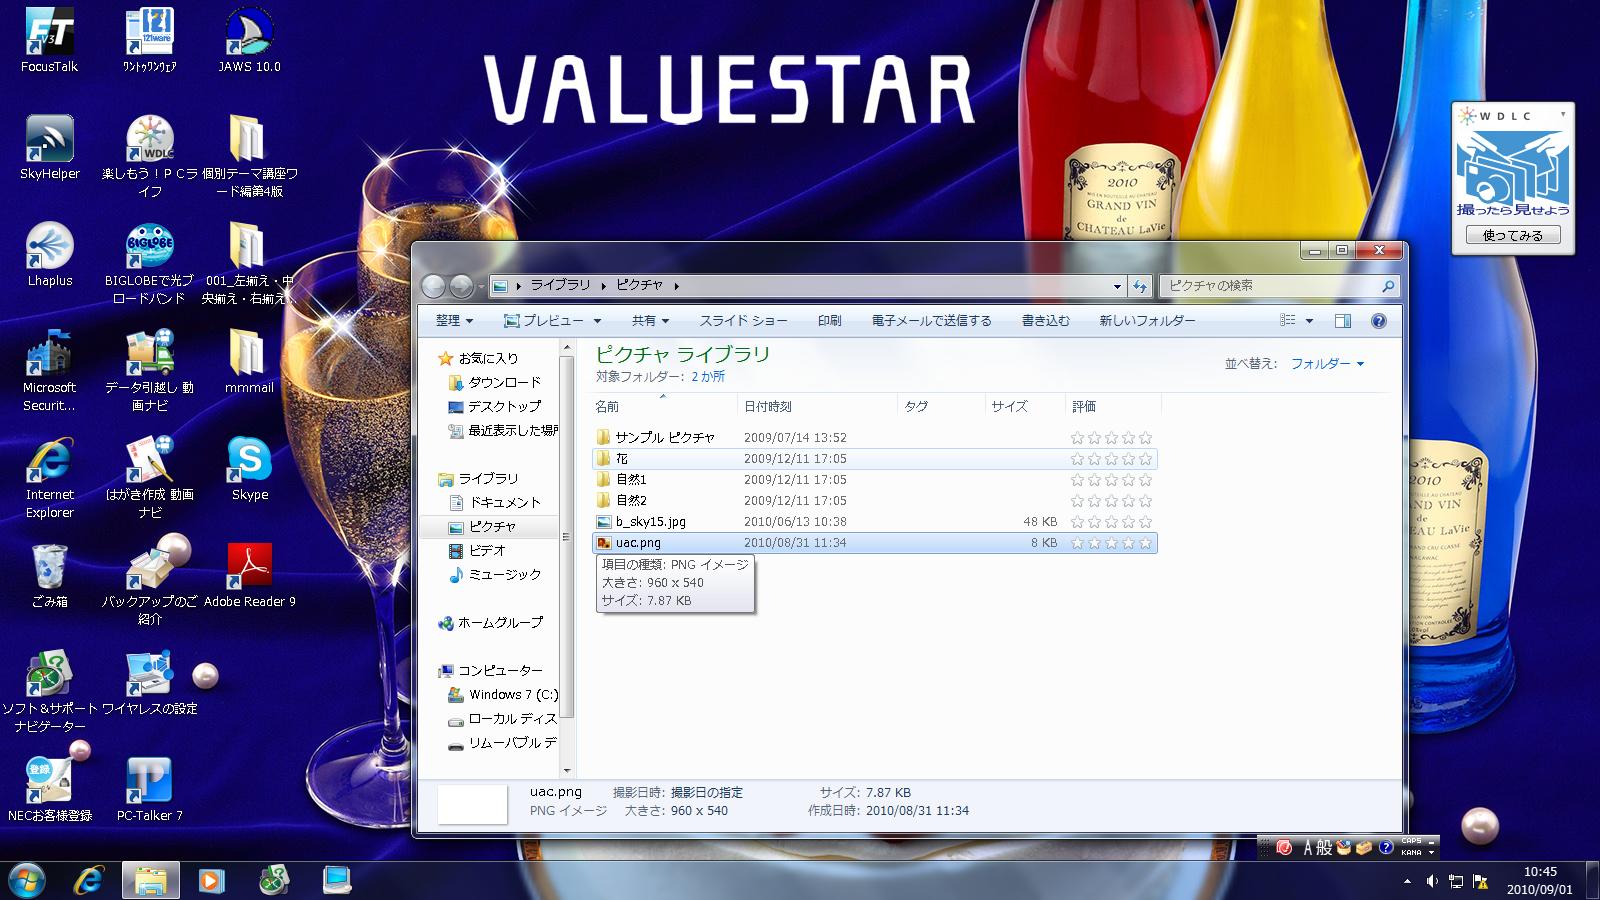 ユーザー アカウント制御の画面